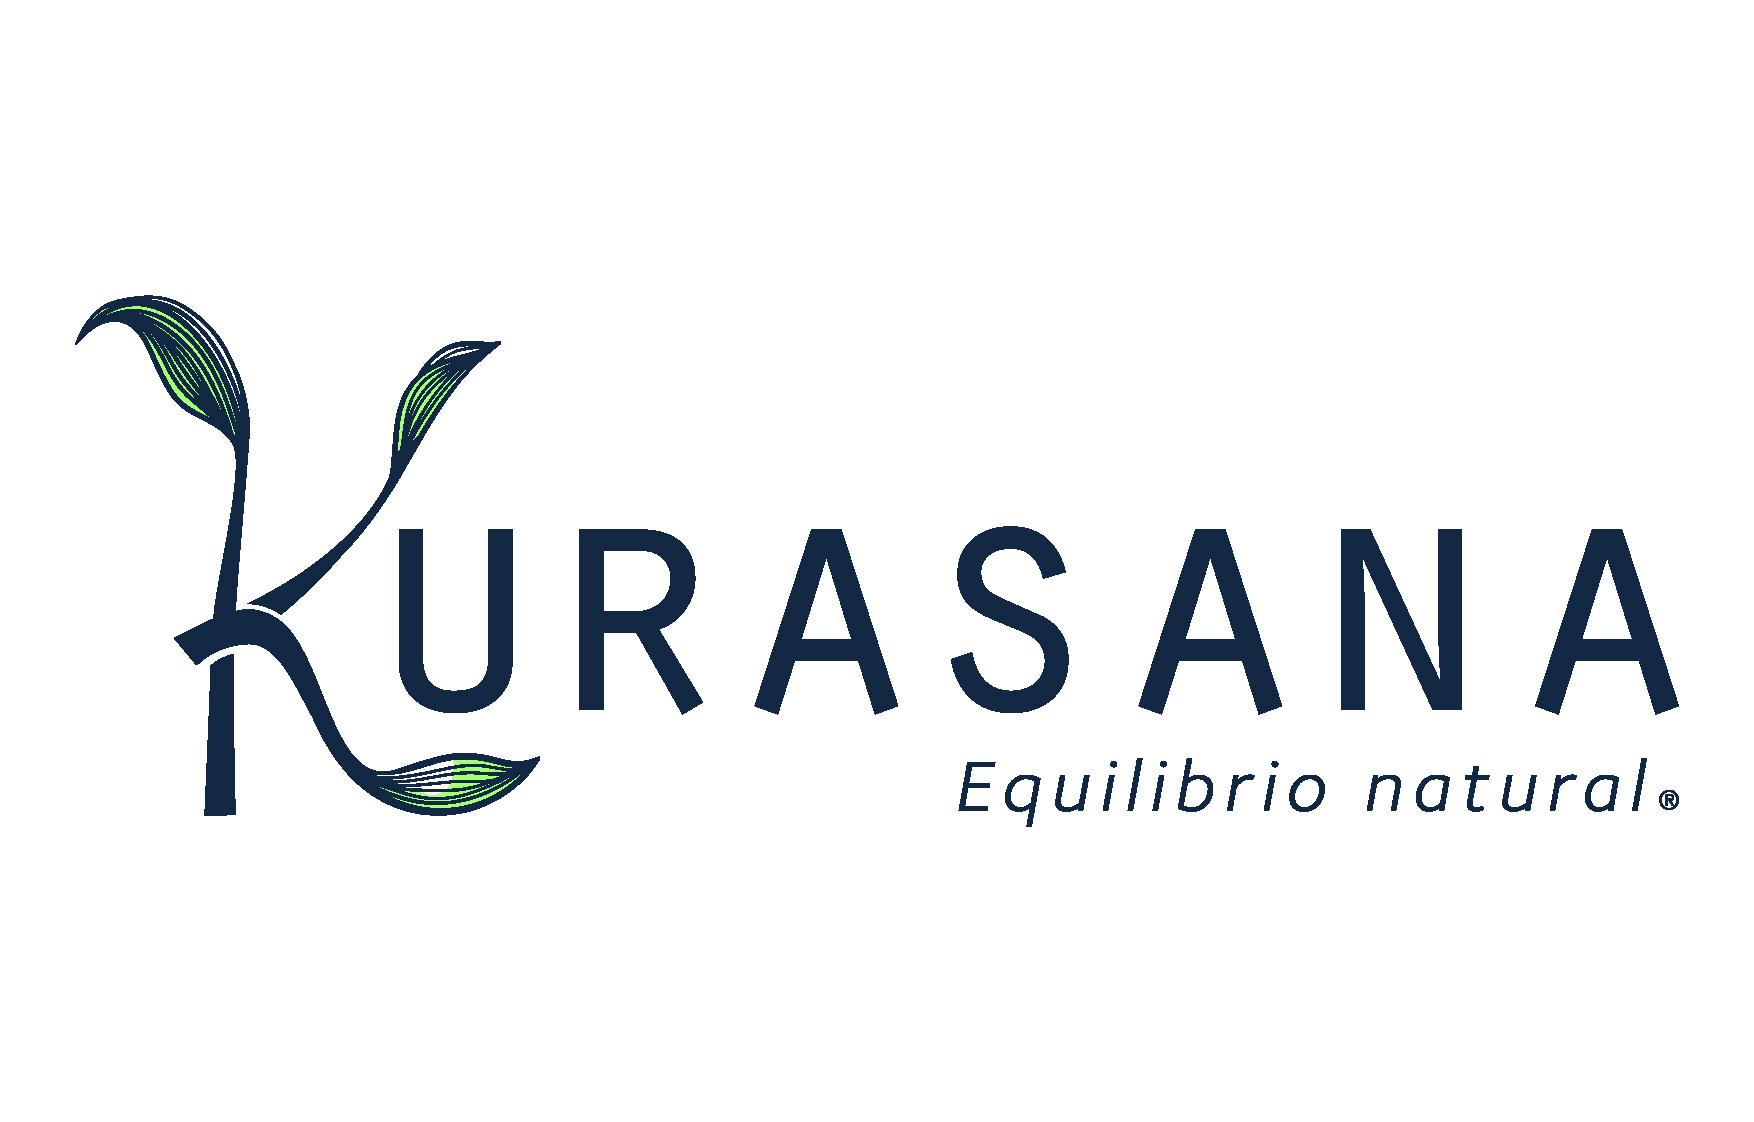 Kurasana